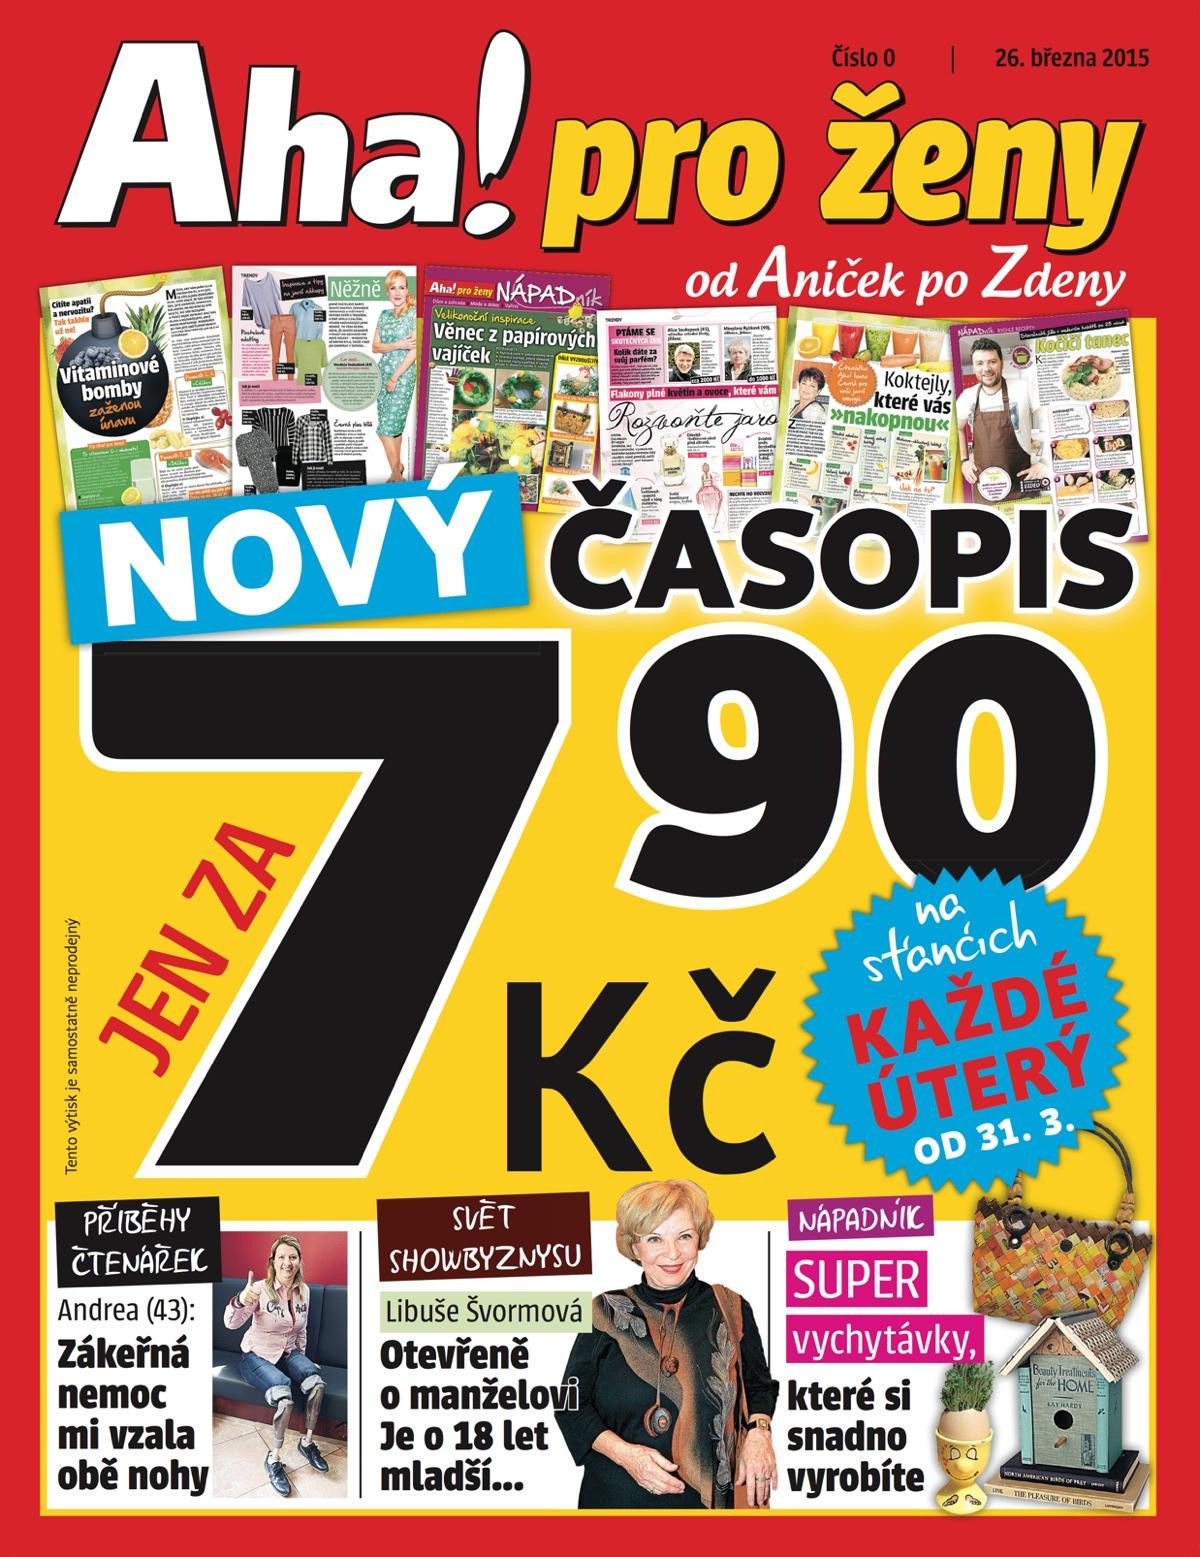 Titulní strana nultého čísla nového týdeníku Aha! pro ženy